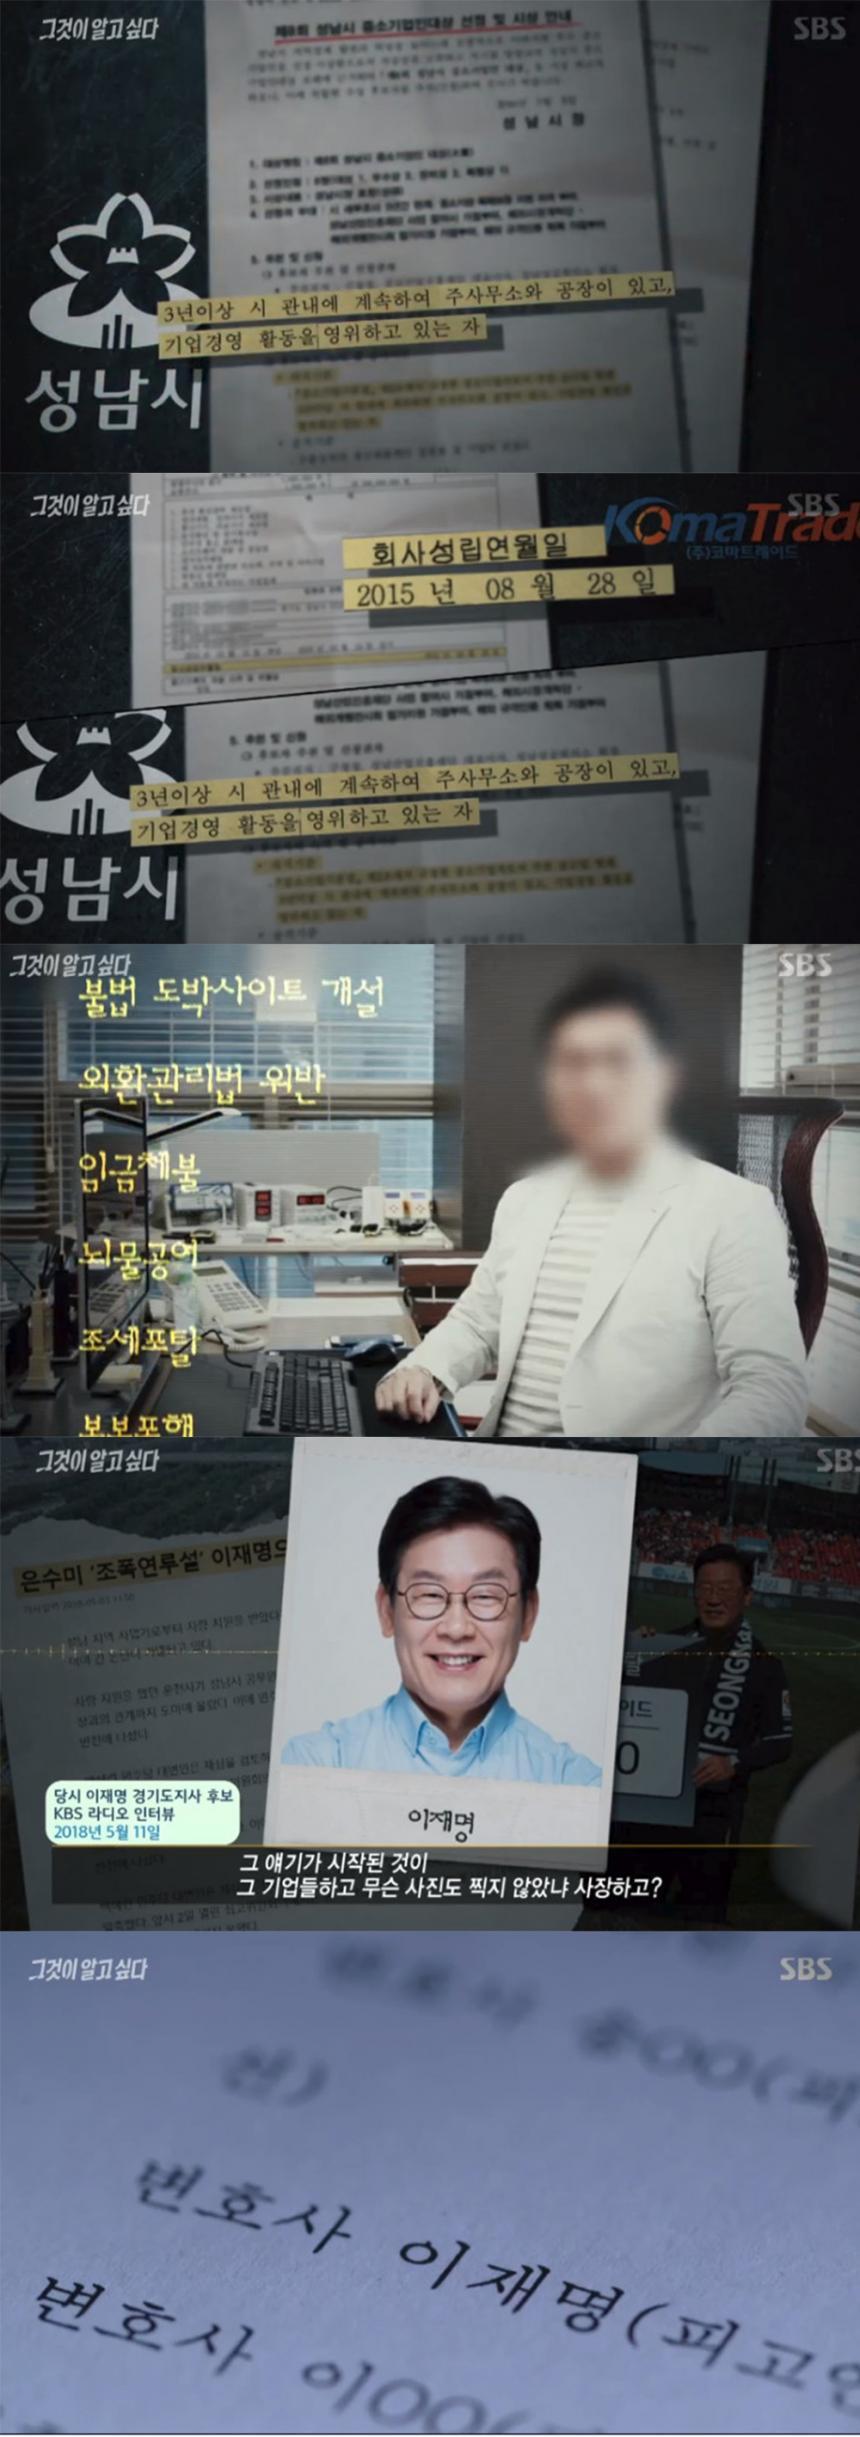 SBS '그것이 알고 싶다'(그알) 방송 캡처